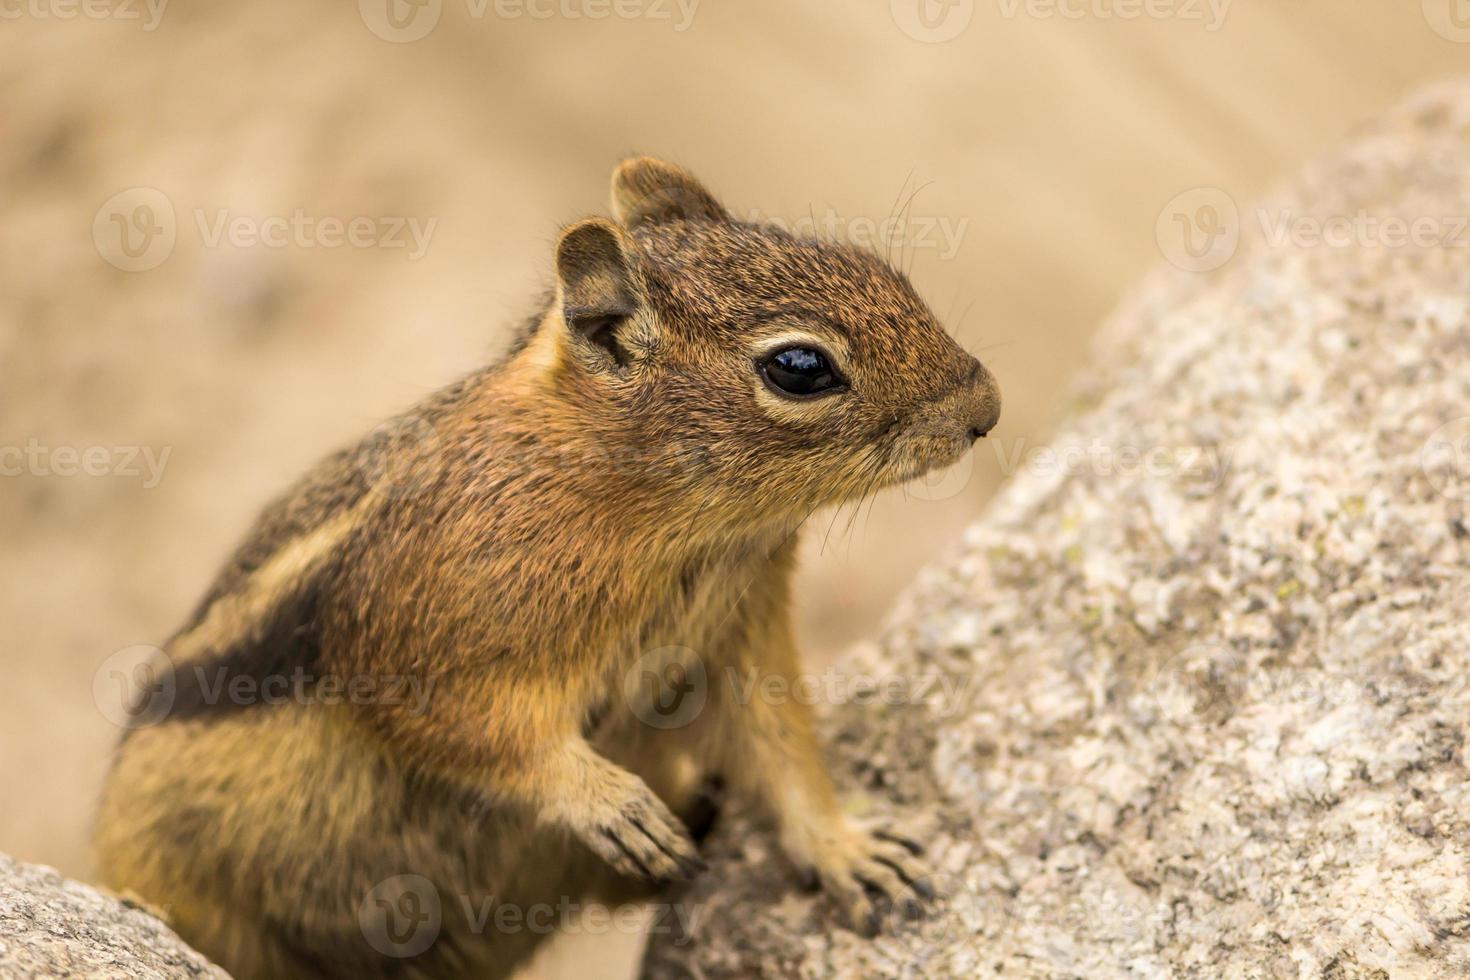 scoiattolo a terra su una roccia foto